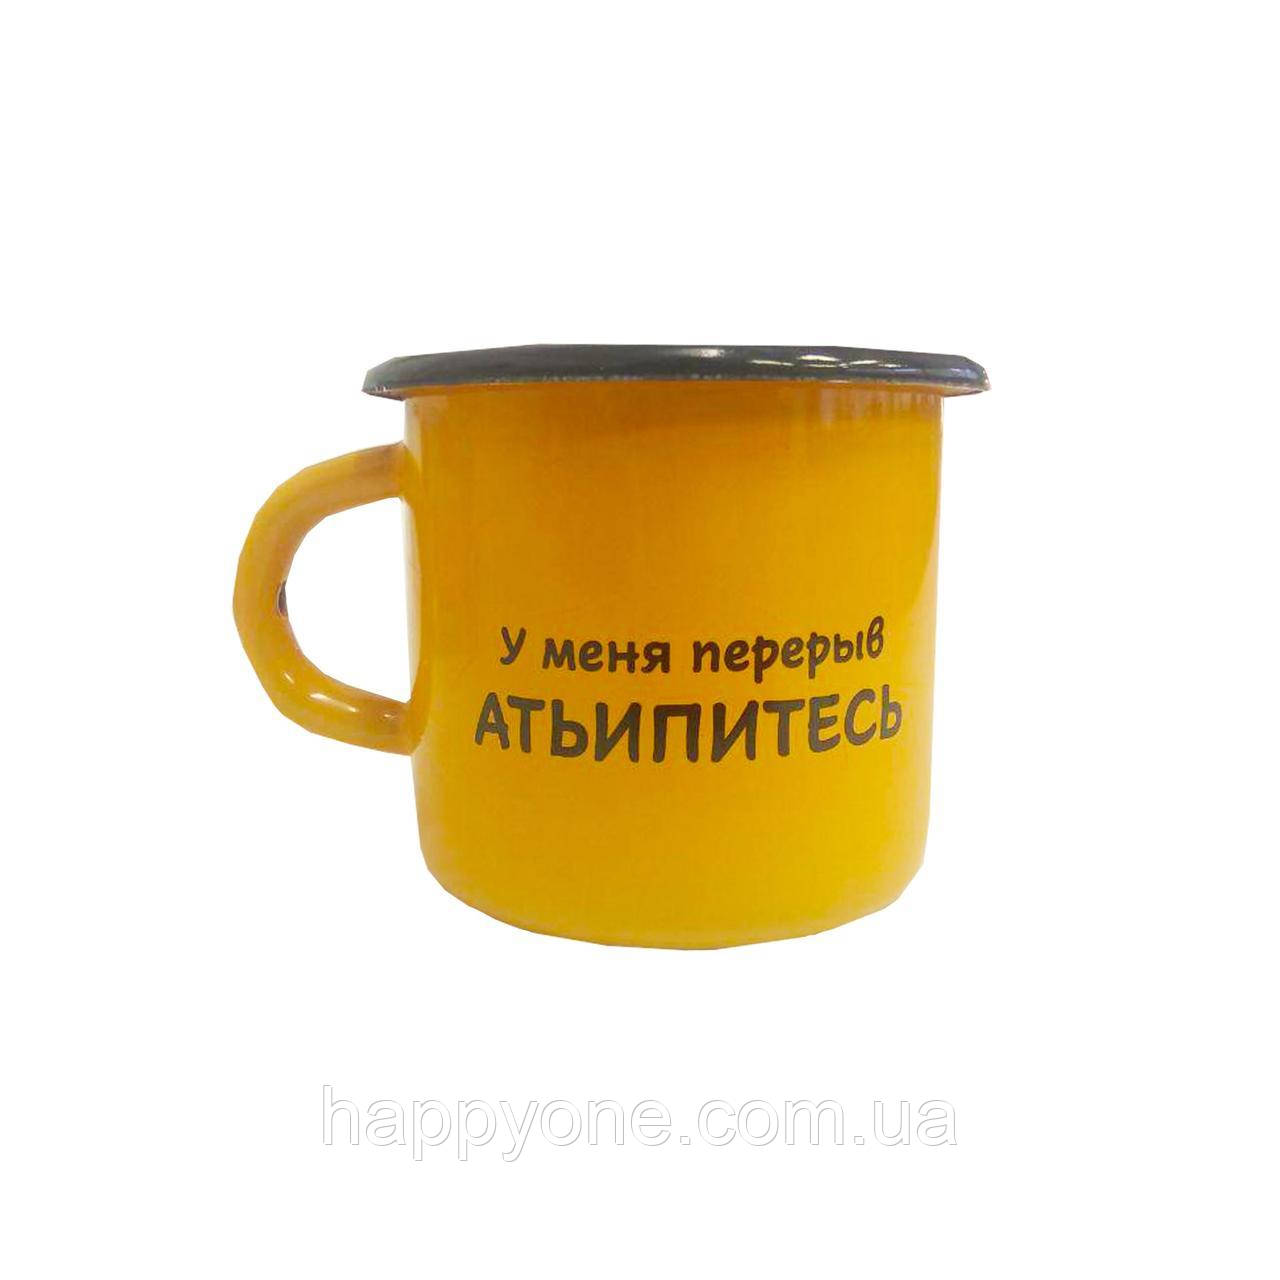 Чашка эмалированная «Атьипитесь» (270 мл)